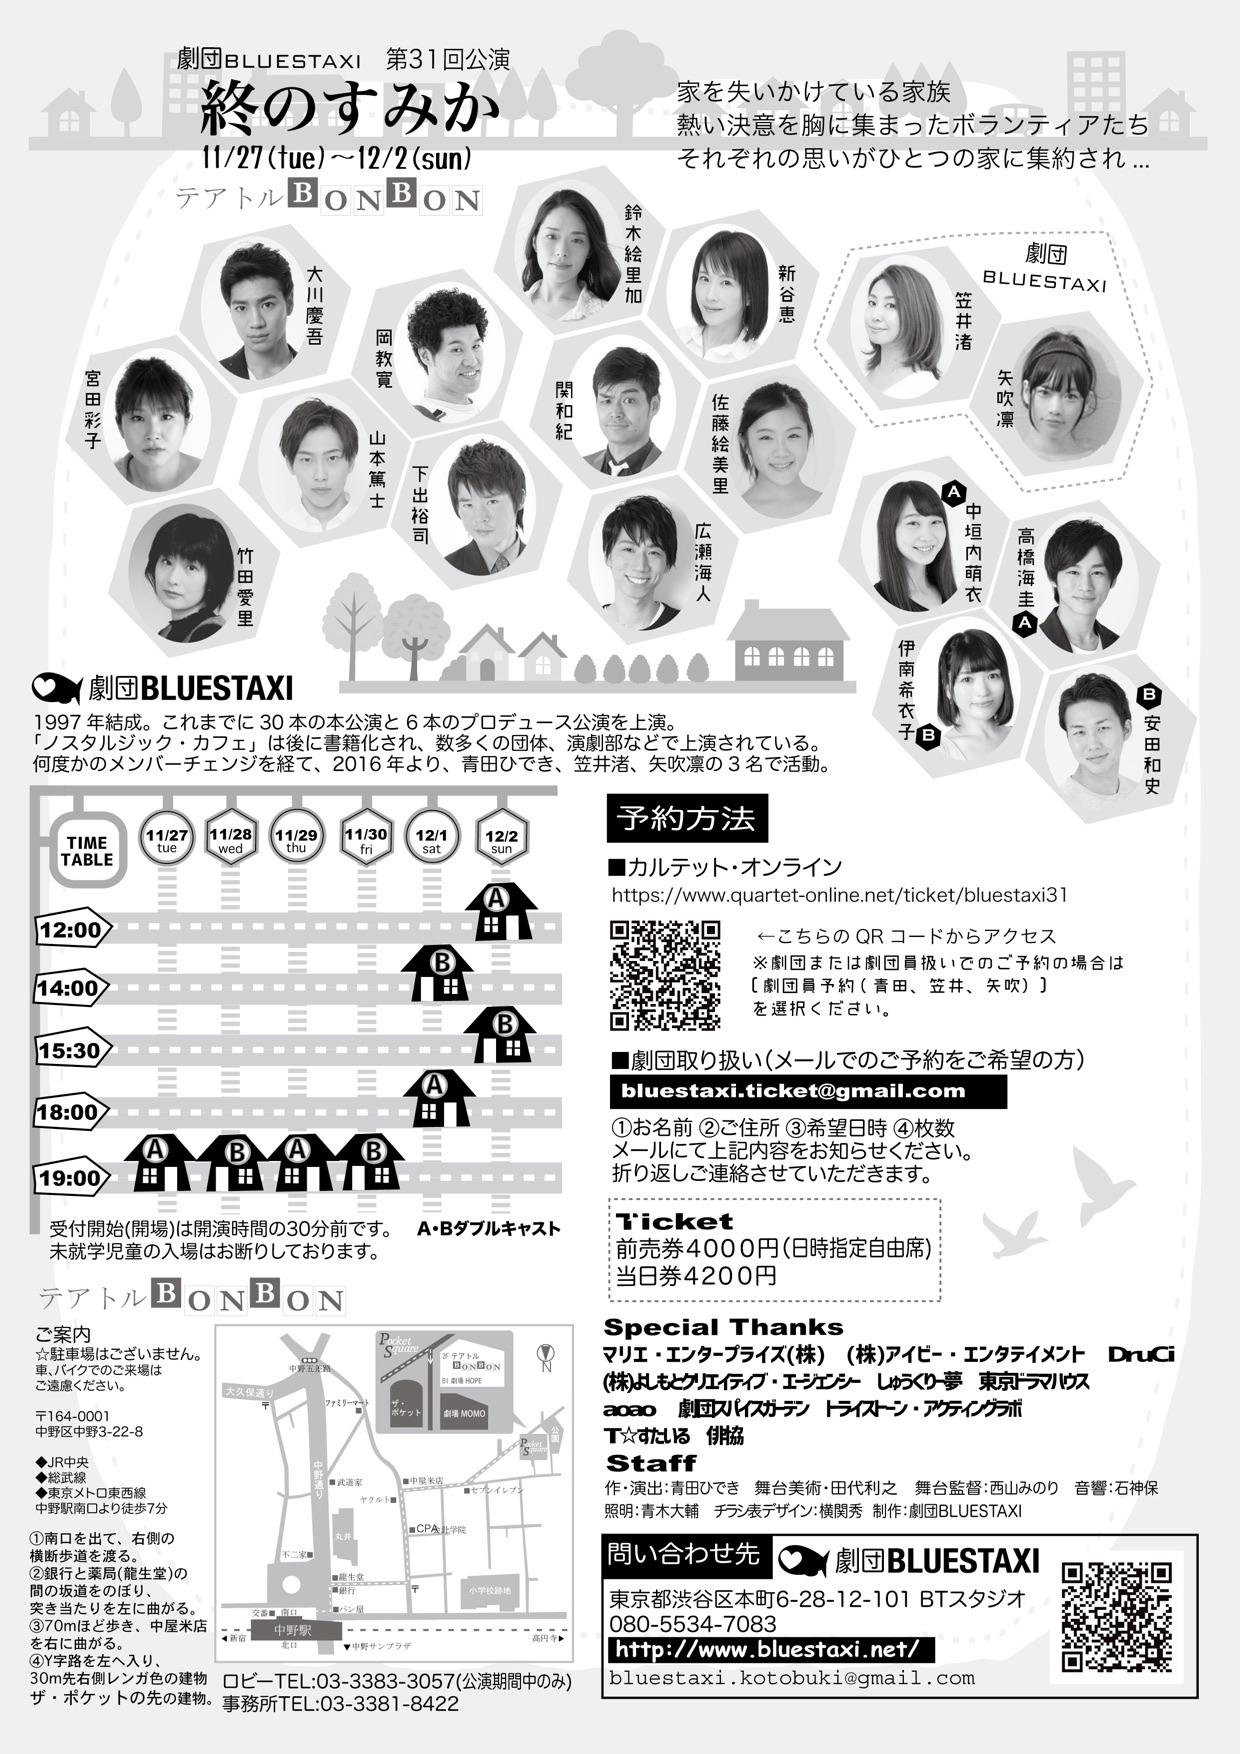 劇団BLUESTAXI 第31回公演「終のすみか」